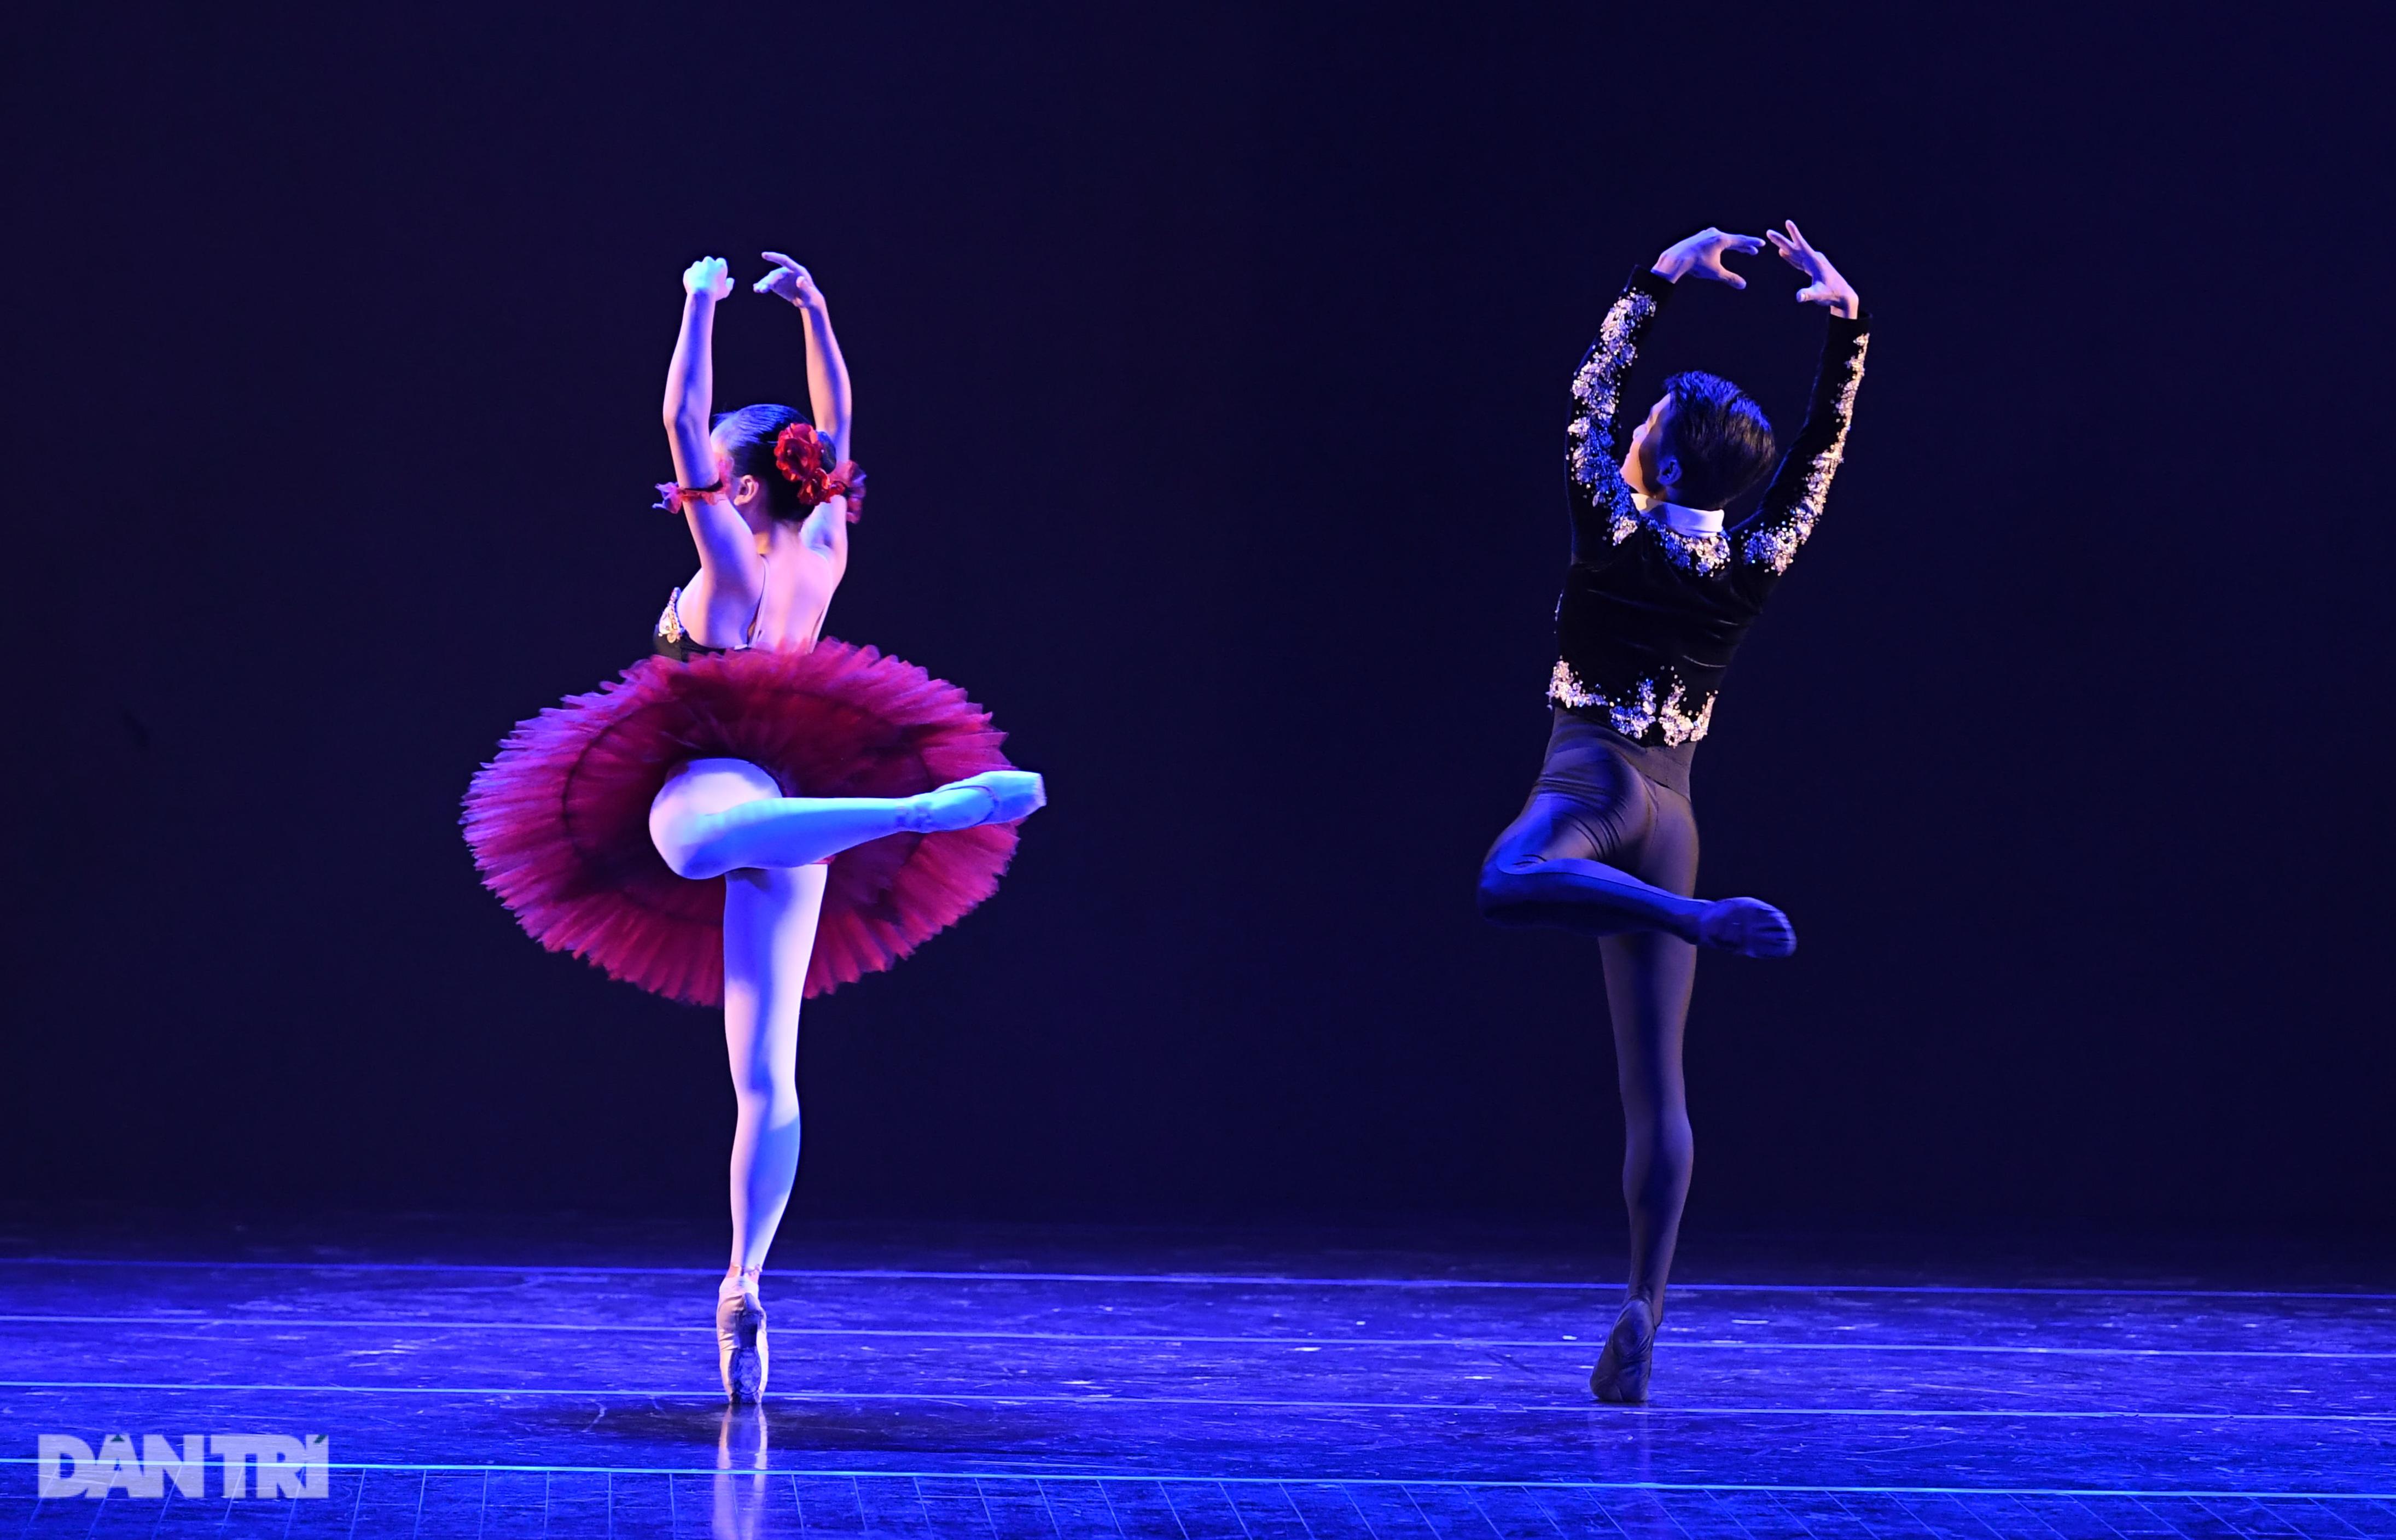 Sau những ngày tranh tài hấp dẫn, các tài năng múa đã lộ diện - 9